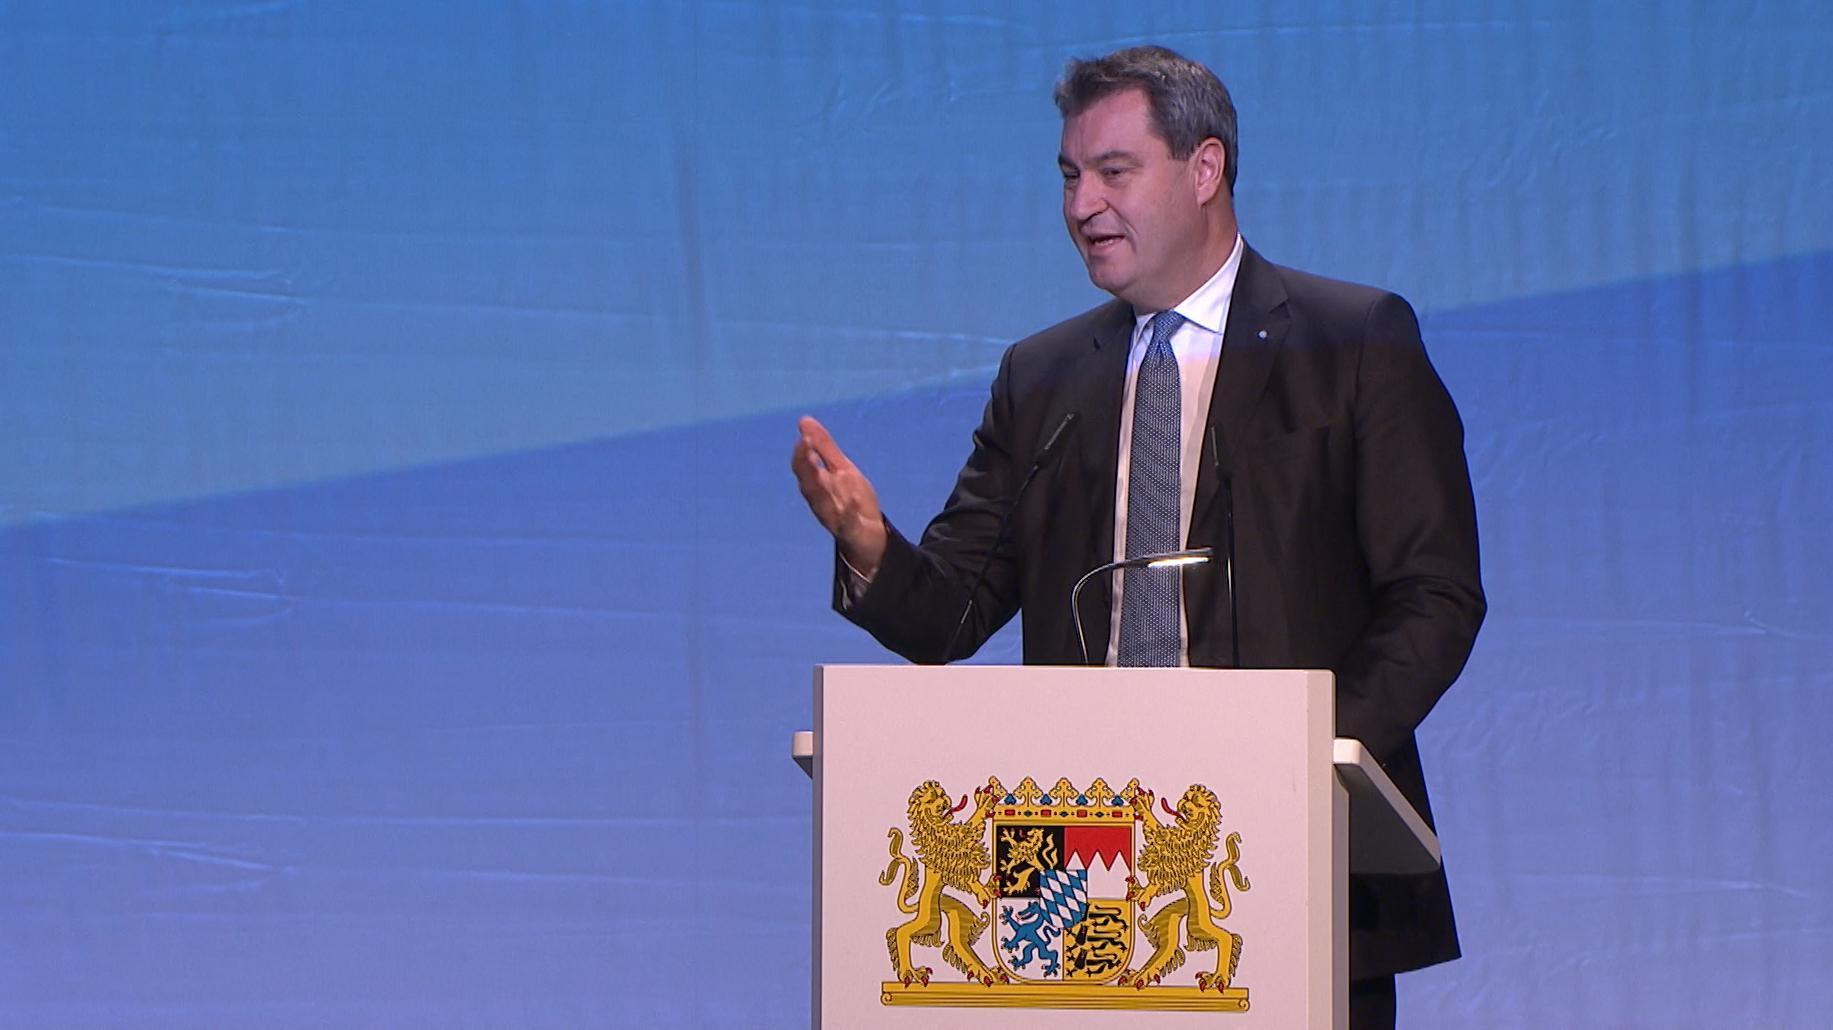 Ministerpräsident Markus Söder beim Staatsakt